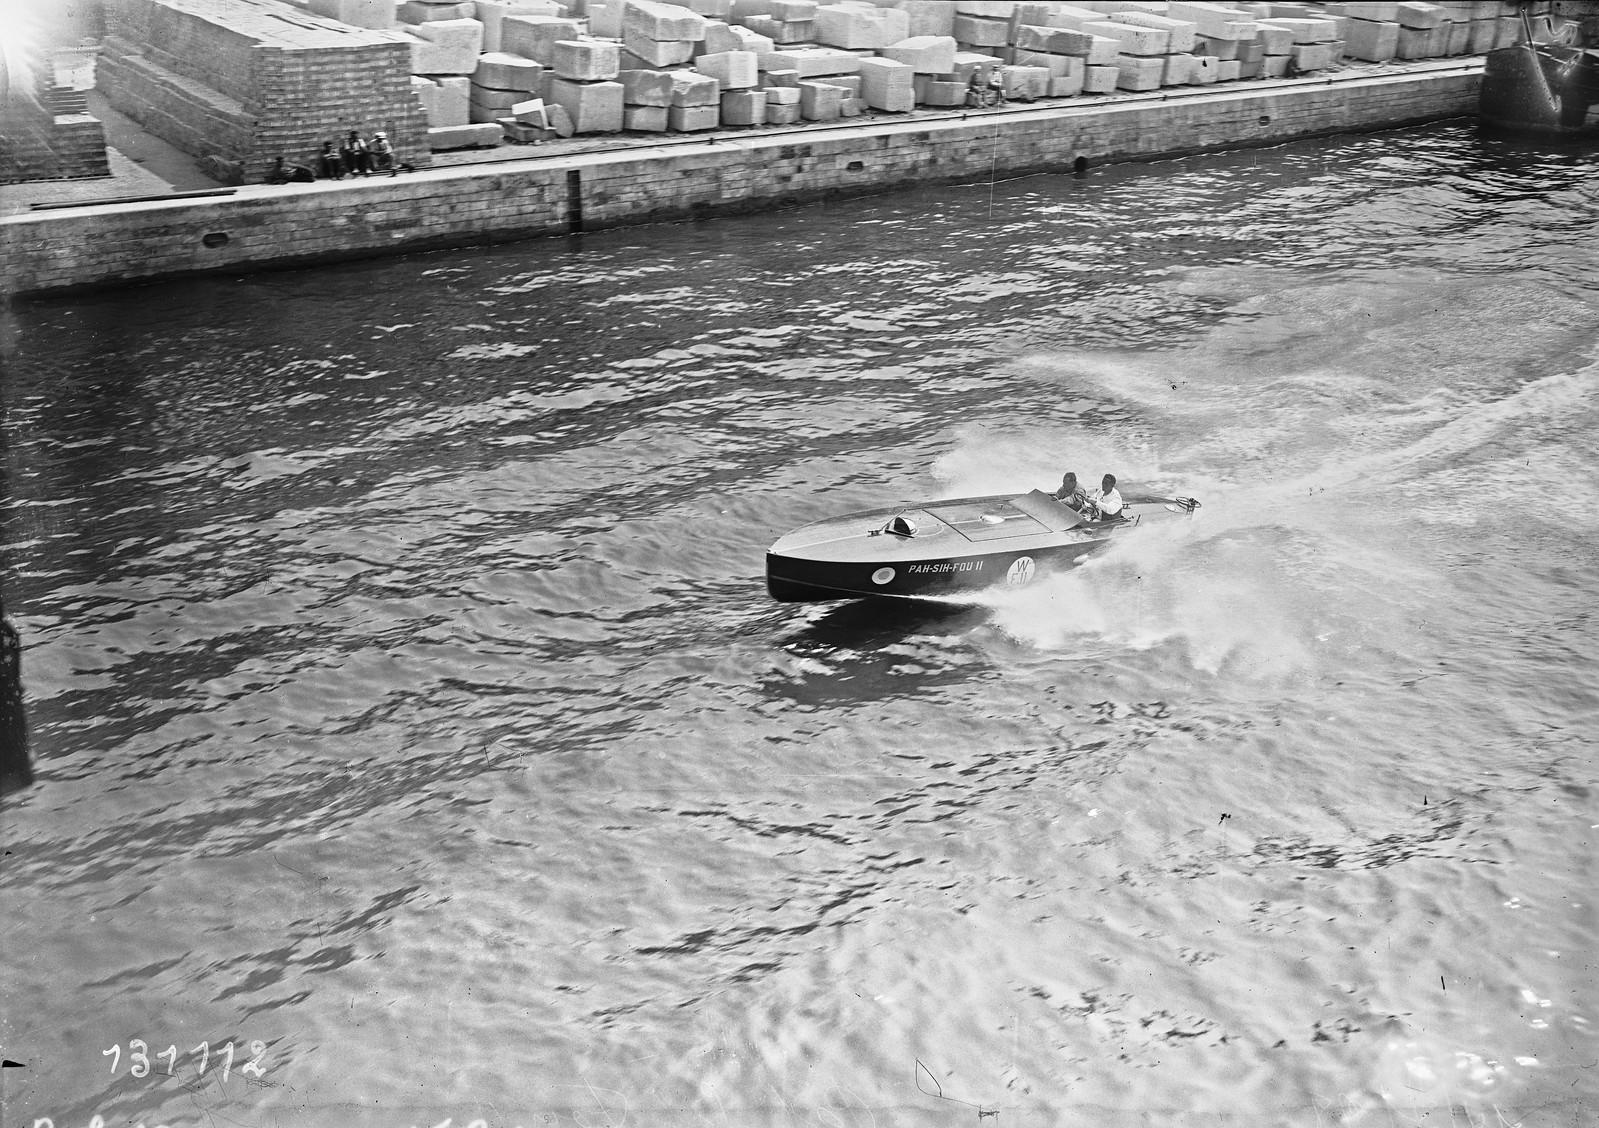 1928. Моторная лодка Па-Сих-Фу II (водный фестиваль на Сене, недалеко от Эйфелевой башни). 14.07.